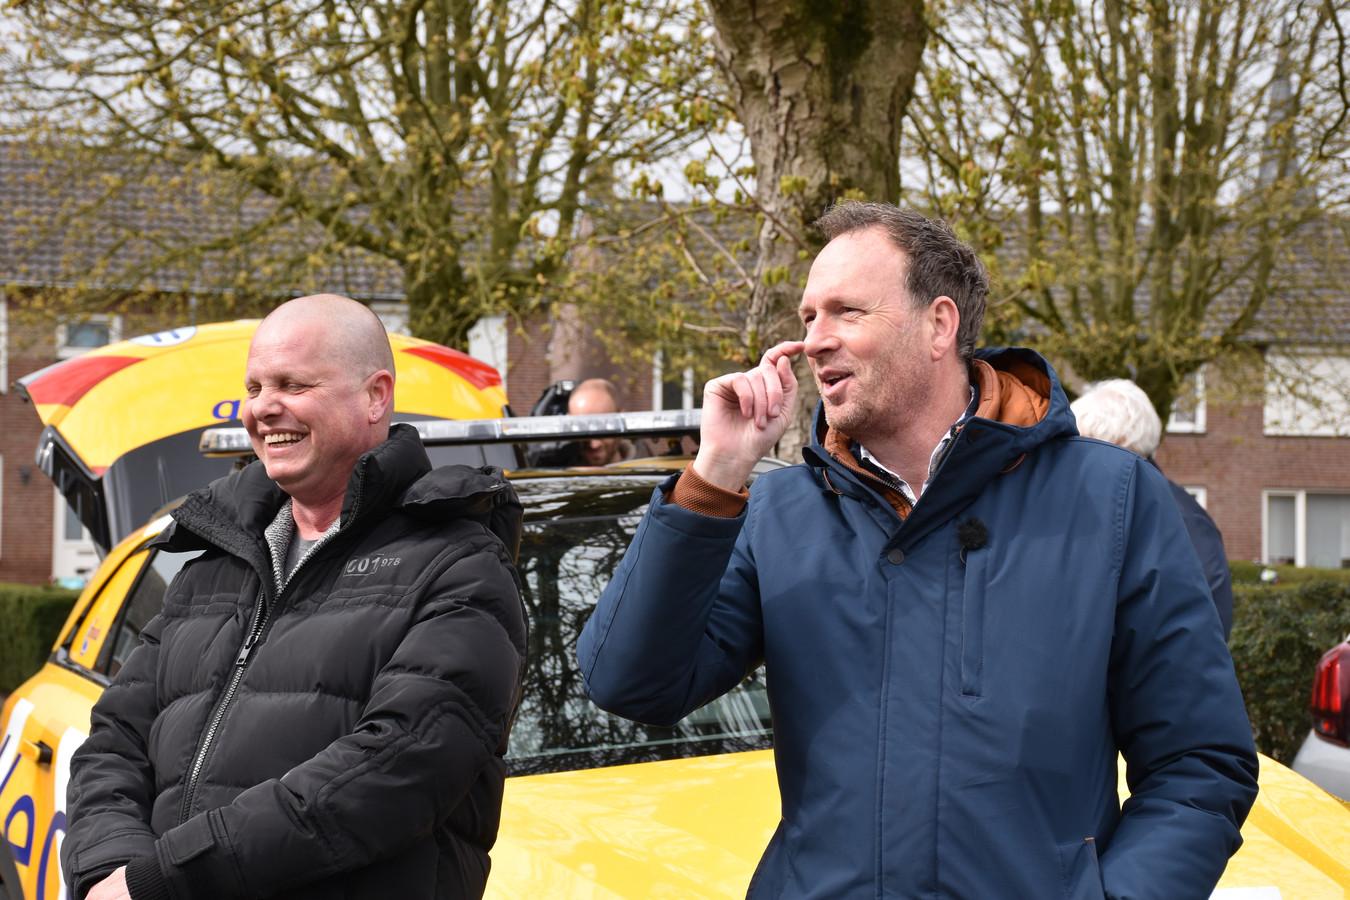 De alarmcentrale: Pech onderweg met Jochem van Gelder is vanavond om 22.00 uur te zien op RTL 5.